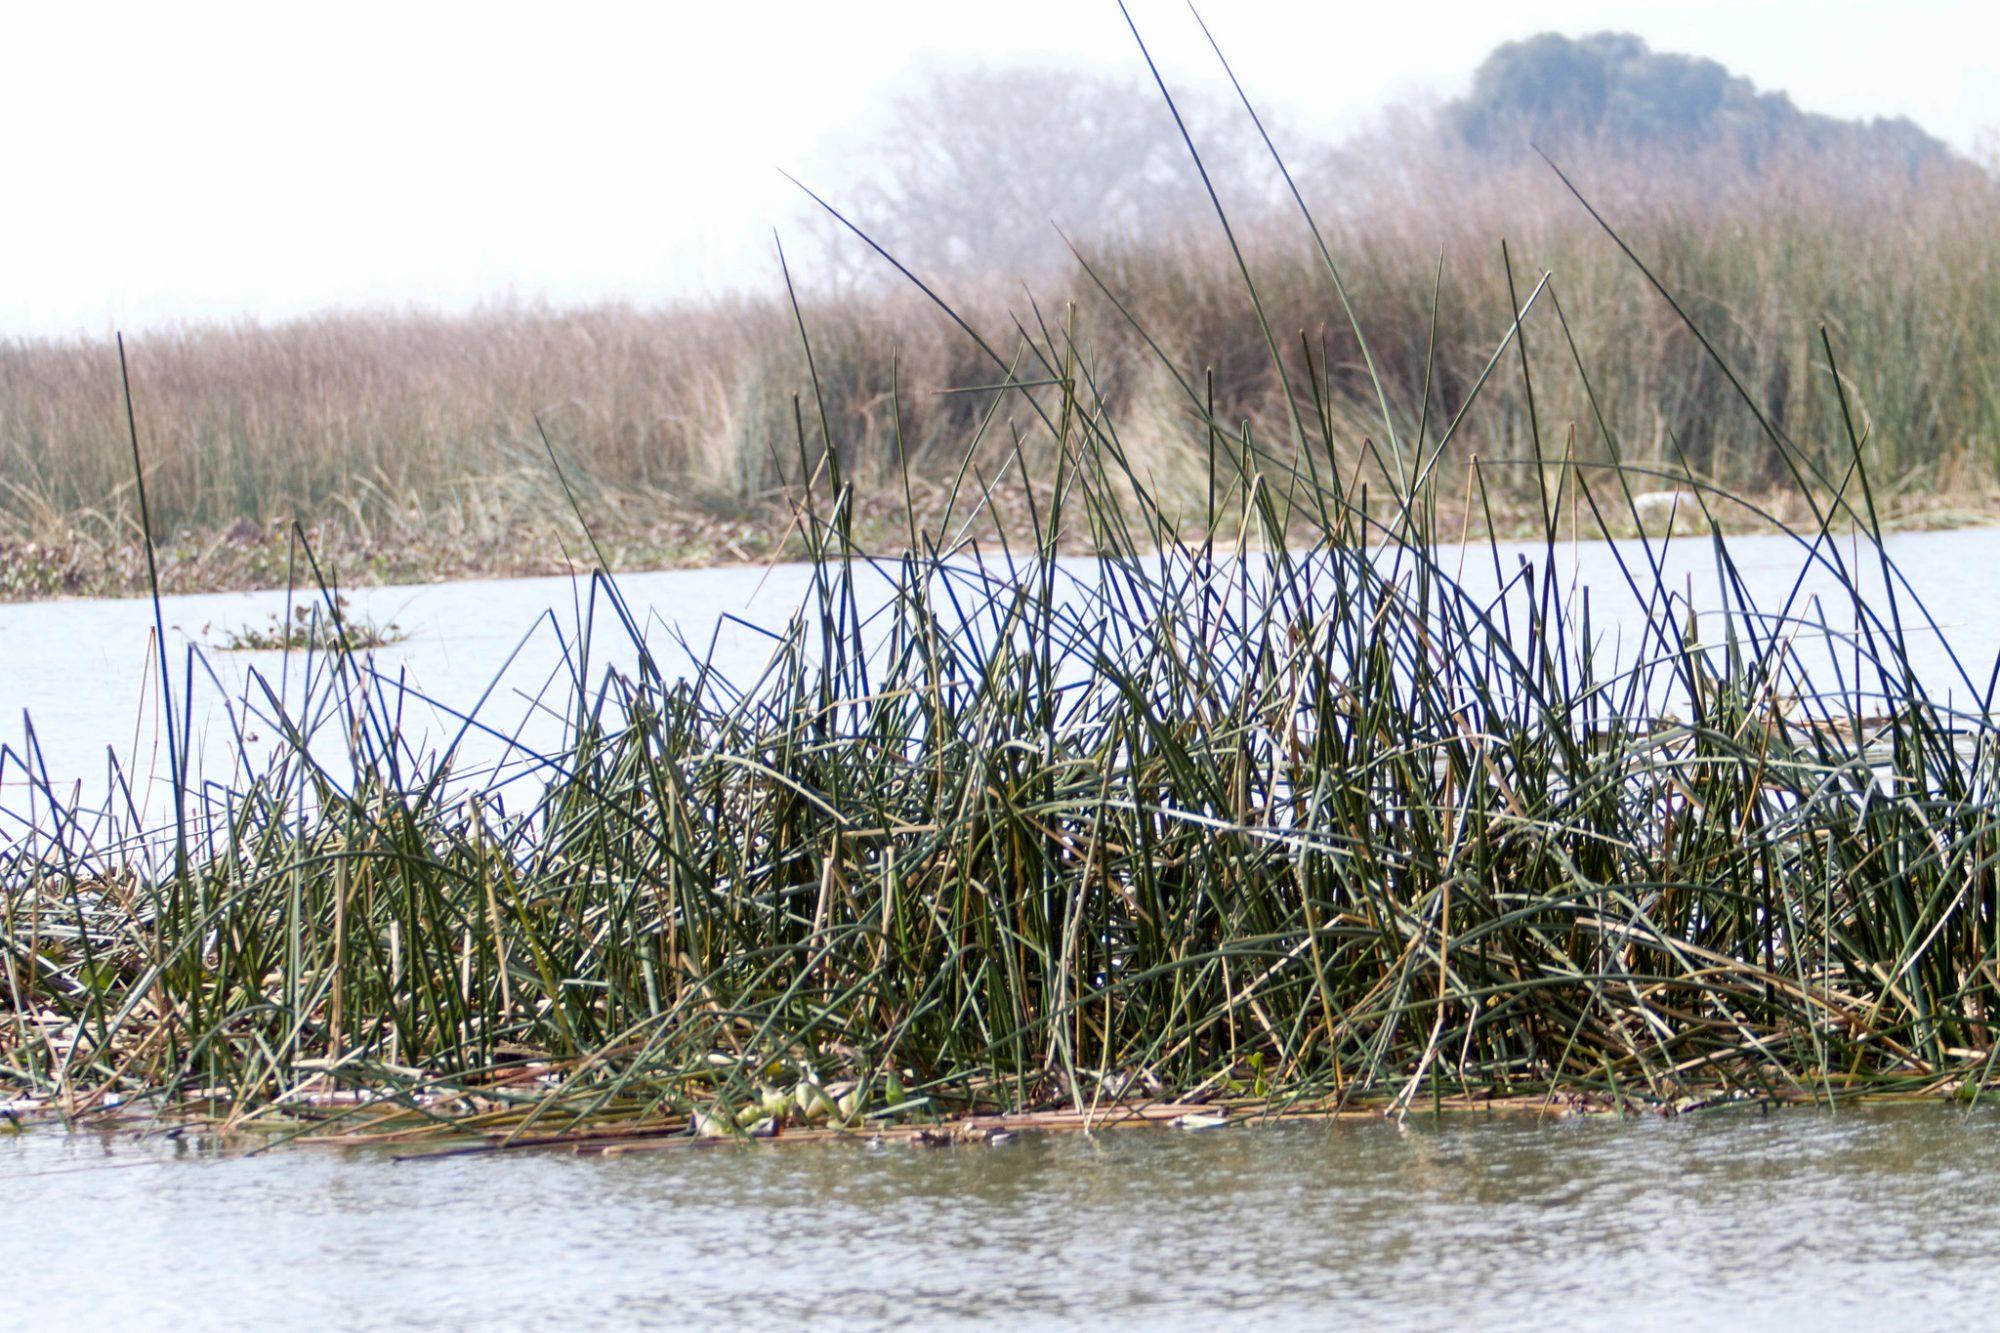 California's Sacramento-San Joaquin River Delta. USFWS photo by Steve Martarano via Flickr